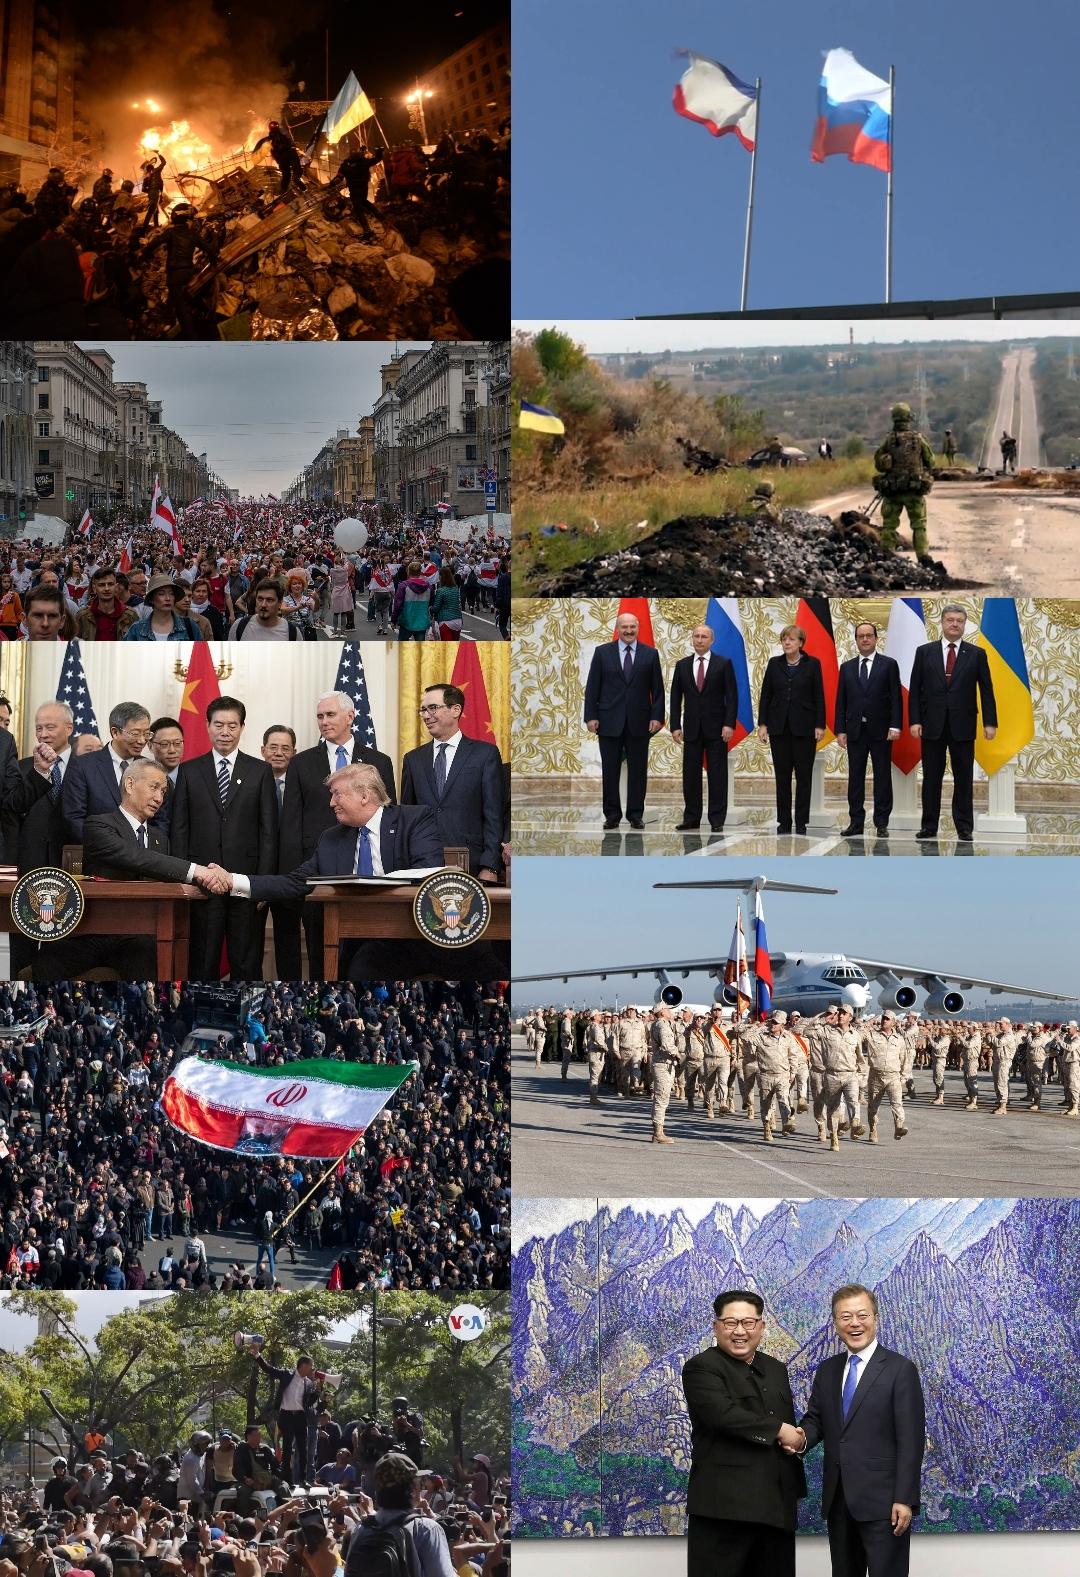 завершение холодной войны